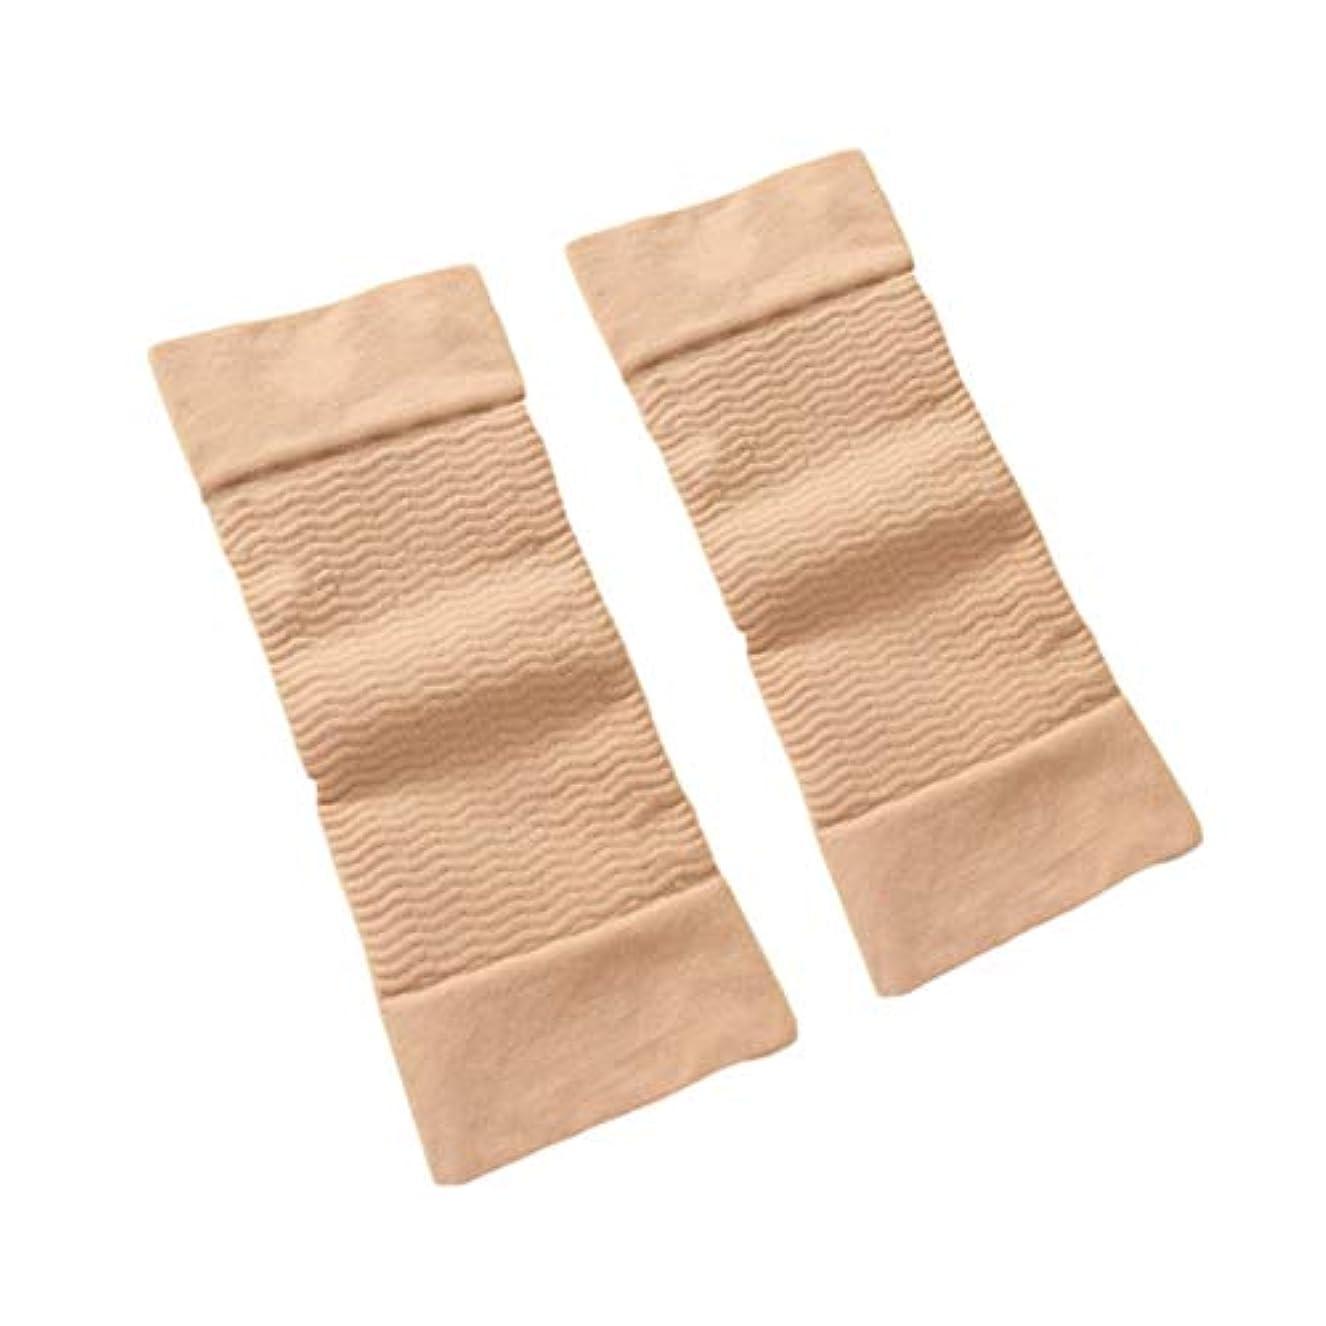 全国額正統派1ペア420 D圧縮痩身アームスリーブワークアウトトーニングバーンセルライトシェイパー脂肪燃焼袖用女性 - 肌色